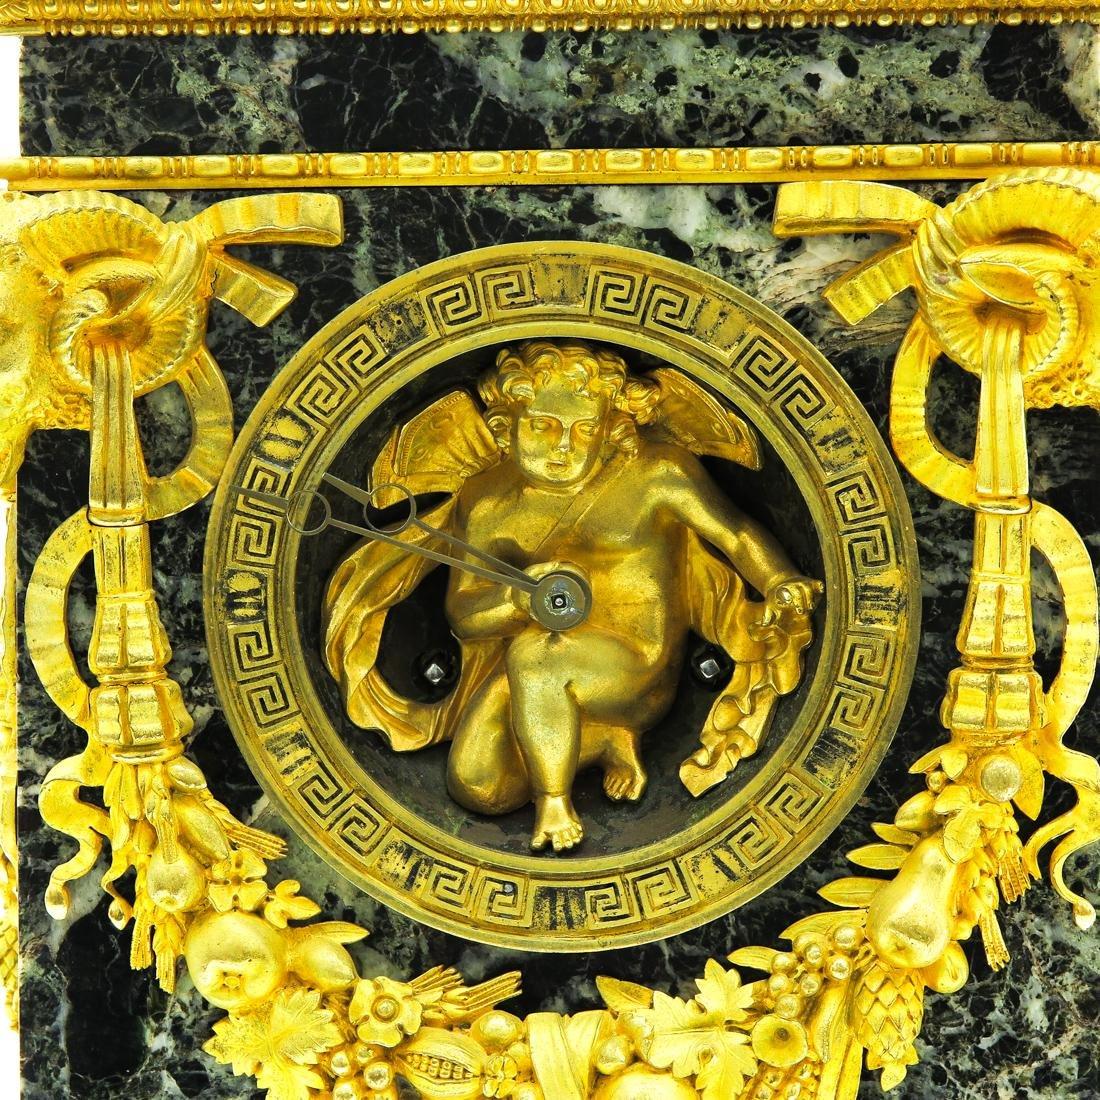 A Very Rare French Table Clock Circa 1800 - 6